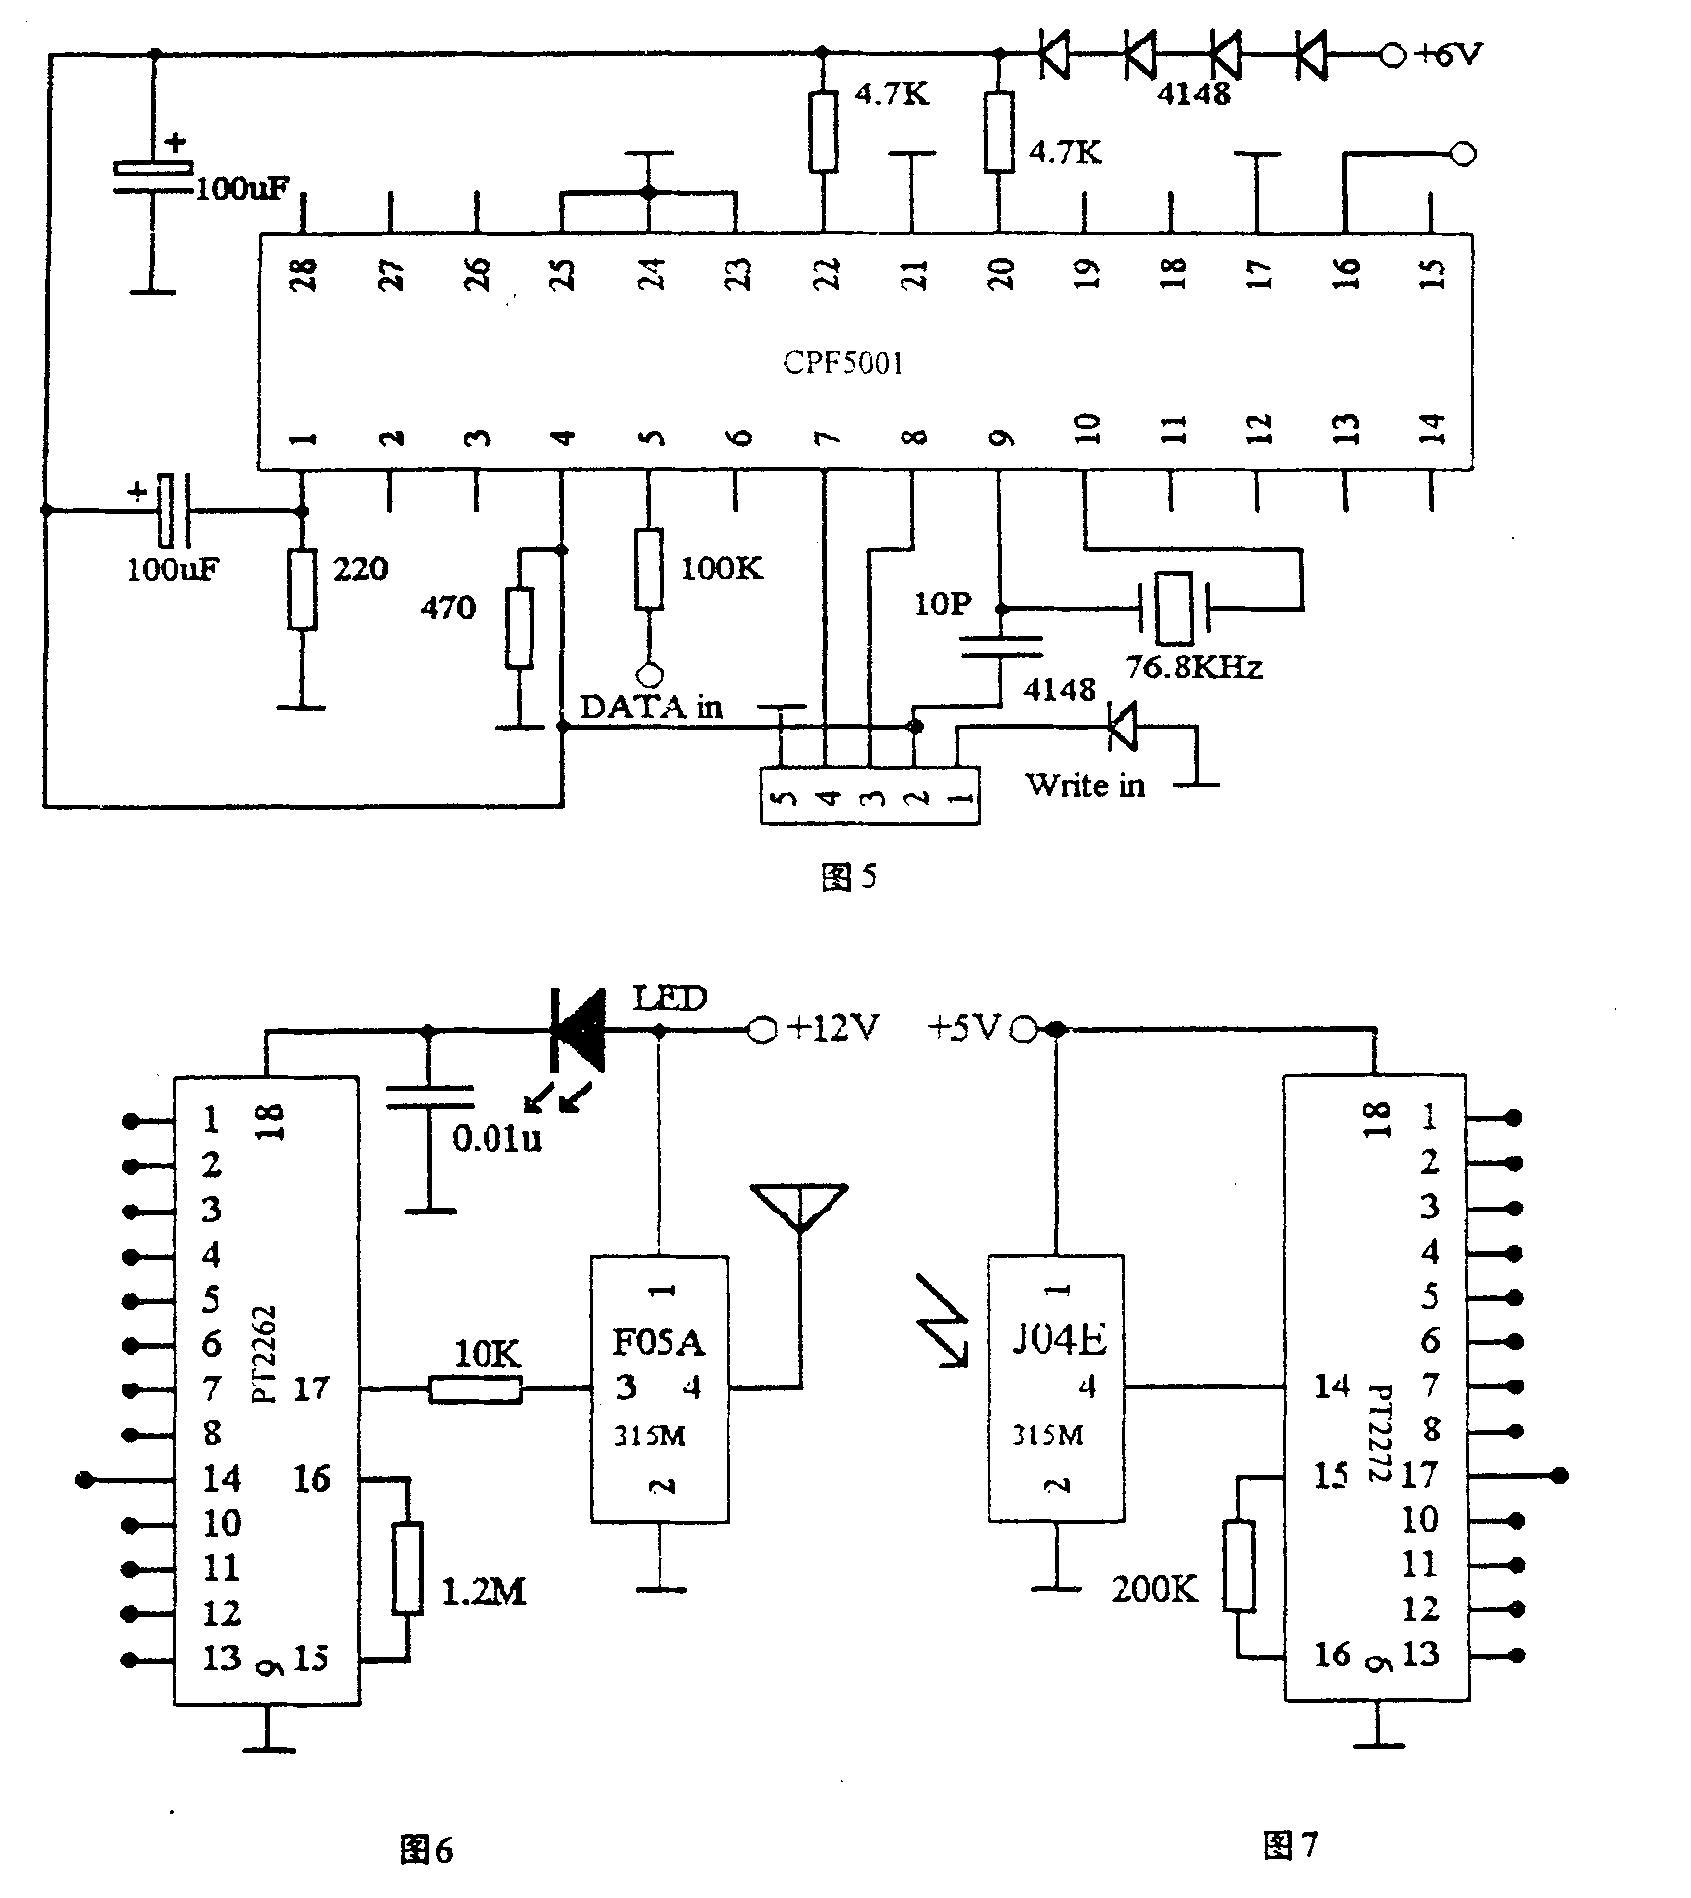 晶盾汽车防盗报警系统工作原理之二 图3 是远程汽车防盗报警系统数据整形电路, 采用六反相器集成电路CD4069, 整形后的数据由(8) 脚输出。  图4 是远程汽车防盗报警系统解码电路, 采用PH IL IPS 公司生产的POCSA G 码解码专用芯片CPF5001. (1) 脚是复位端, (9)、(10) 脚接时钟晶体, (7)、(8) 脚是数据输入、输出端(可将地址码和其他信息写入片内EEPROM ) 中, (5) 脚是整形后的脉冲数据输入端, (16) 脚是输出端, 如解码成功该脚输出高电平。 图5